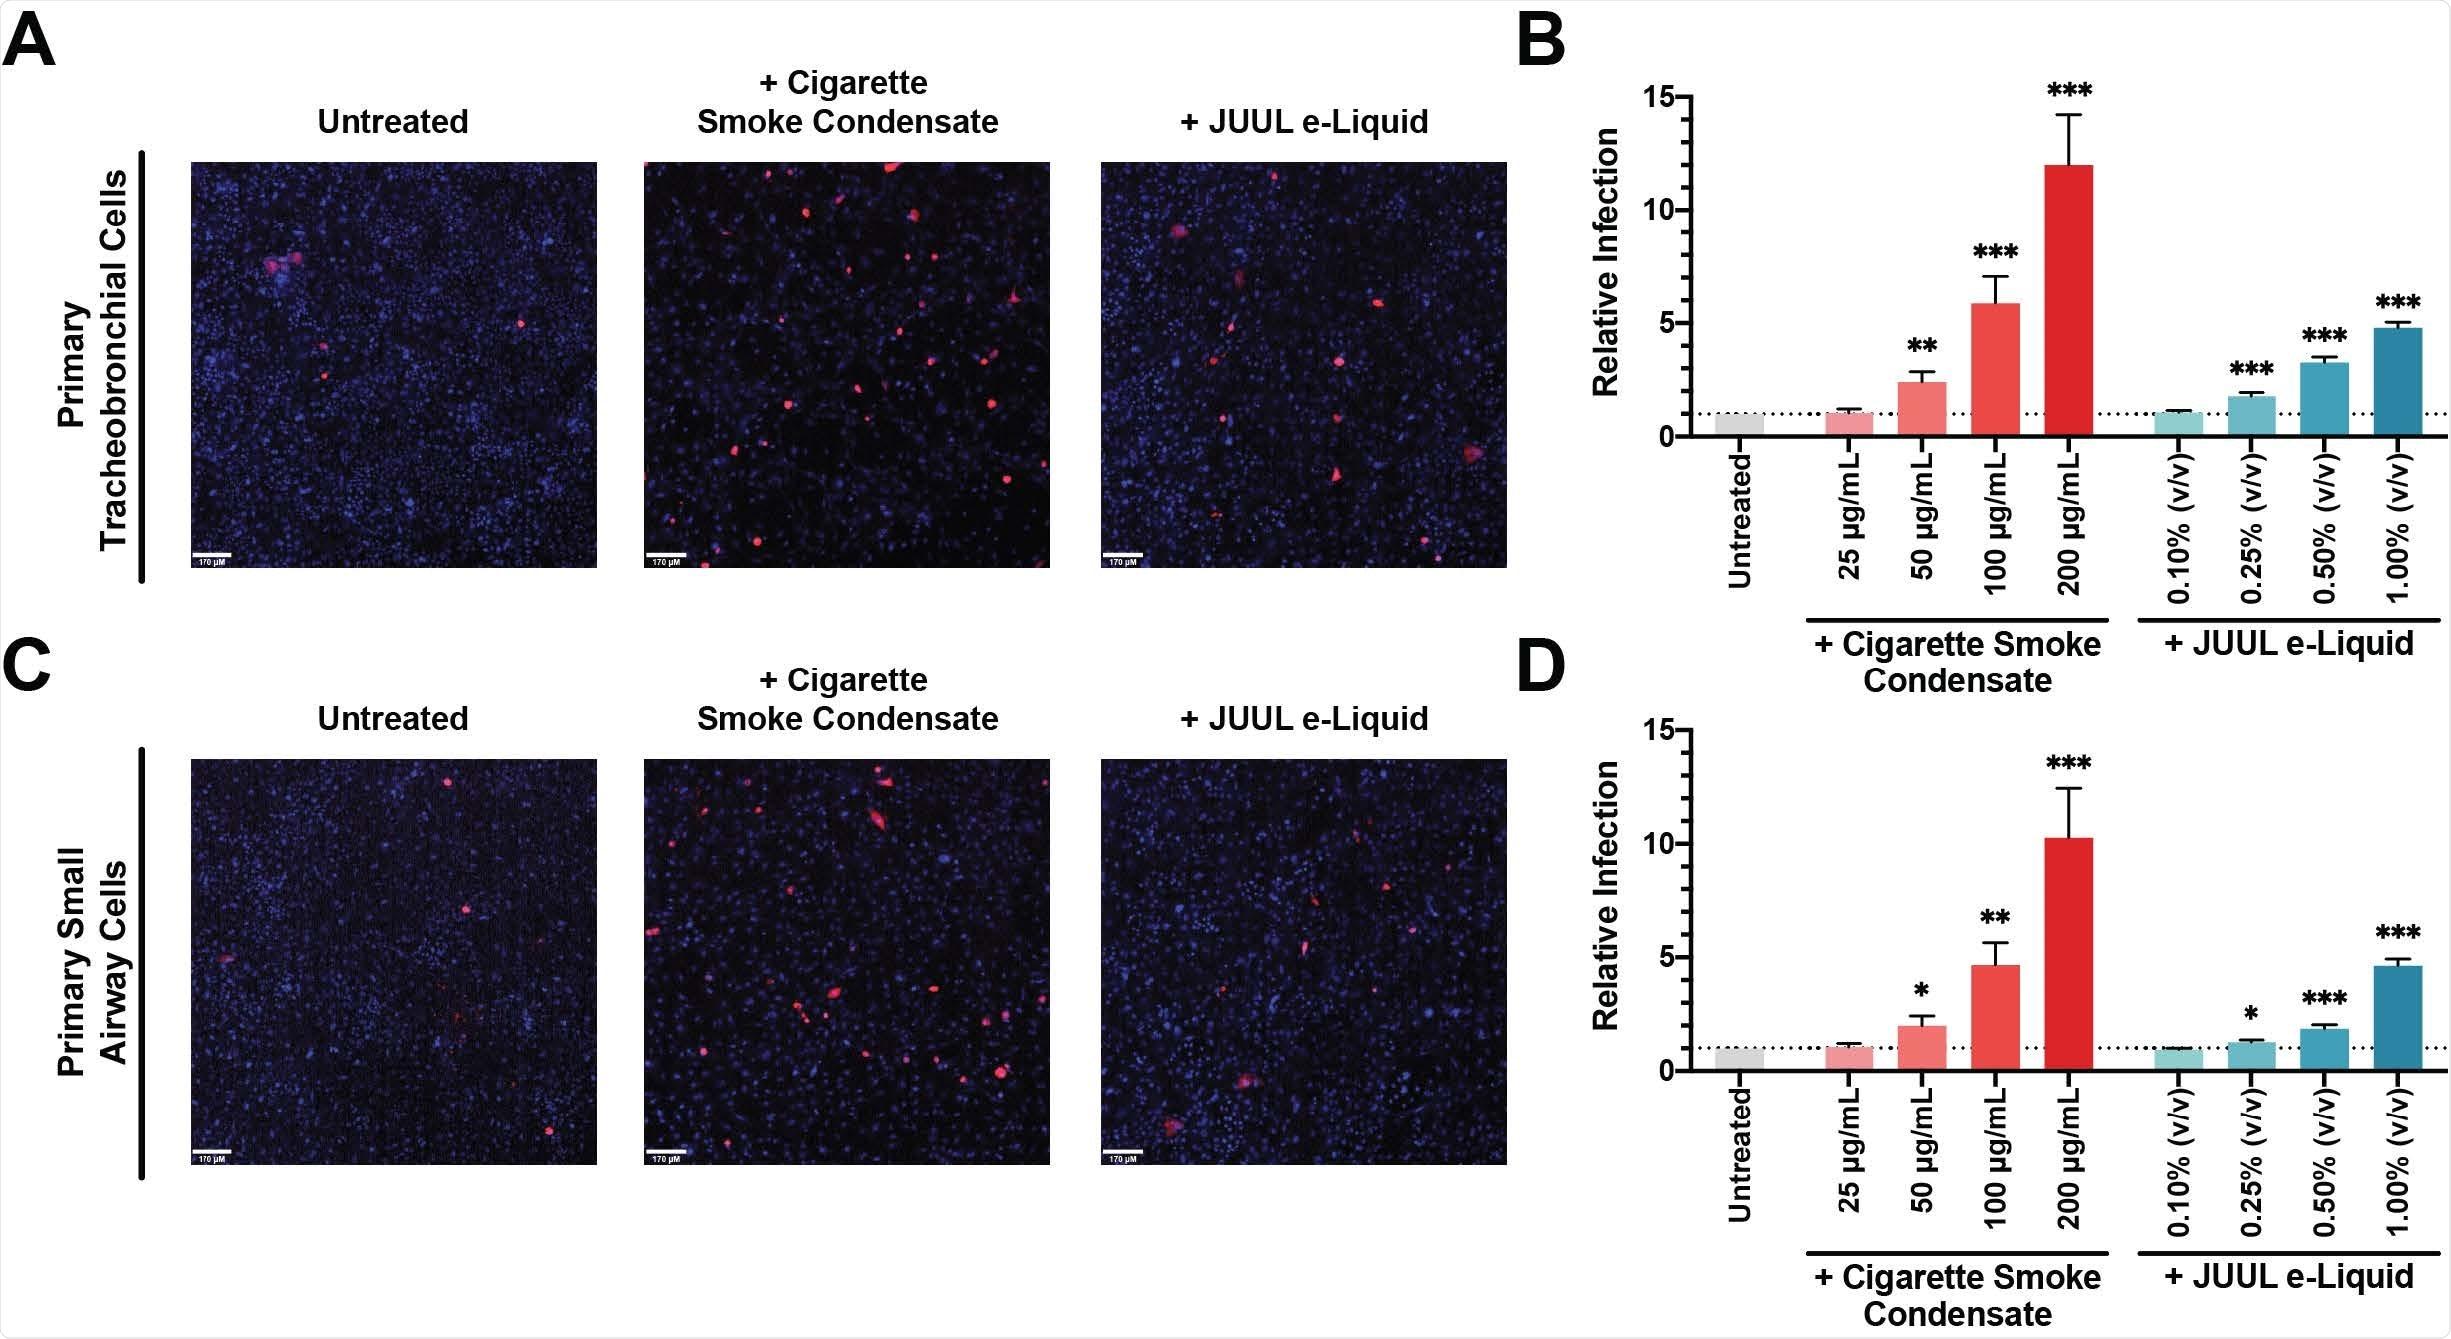 A exposição condensada do fumo do cigarro aumenta a infecção de SARS-CoV-2 Pseudovirus. (a) tracheobronchial preliminar e as pilhas pequenas da via aérea (c) pre-foram tratados com o e-Líquido de 200 μg/mL CSC (médio) e de 1,00% JUUL (direito) por 24 horas e desafiados com o pseudovirus SARSCoV-2. Depois da incubação por 48 horas, as pilhas vivas eram imaged em um sistema confocal da microscopia do girar-disco (Vox de UltraVIEW; PerkinElmer). Os núcleos de pilha foram manchados com tintura de Hoechst e as pilhas contaminadas foram mostradas no vermelho. A quantificação do cytometry de fluxo da infecção relativa do pseudovirus SARS-CoV-2 em doses diferentes das pilhas tracheobronchial preliminares pre-tratadas e-Líquido de CSC e de JUUL (b) e das pilhas pequenas da via aérea (d) foi relatada como mudança da dobra; n = 11-12 experimentações. As barras representam o ± médio SEM. Teste desirmanado de t * p < 0,05; ** p < 0,005; *** p < 0,0005. Barras da escala, μm 170.